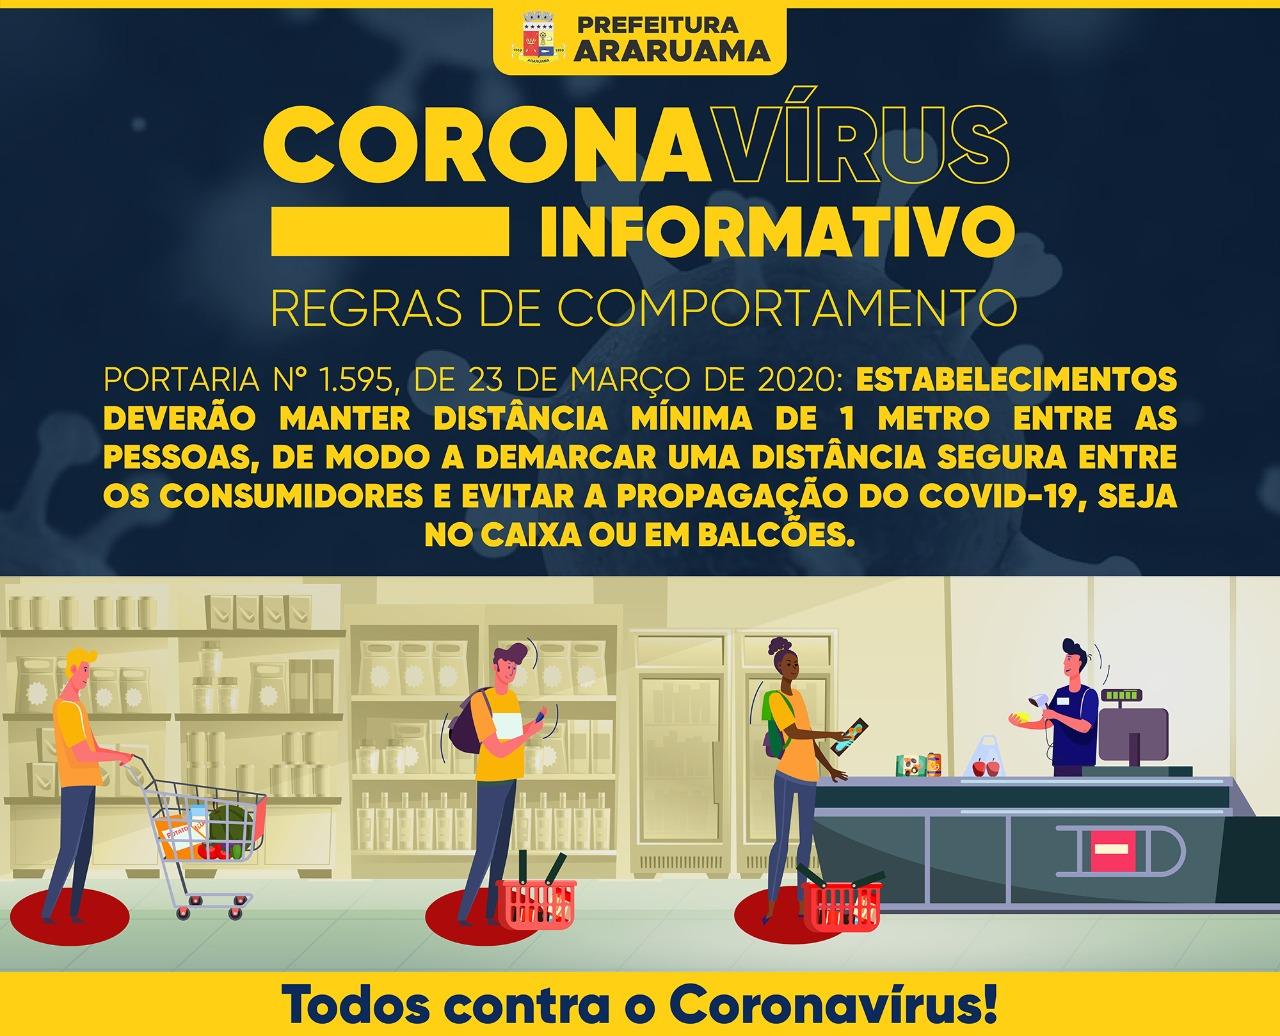 Prefeitura de Araruama continua ações preventivas contra COVID-19